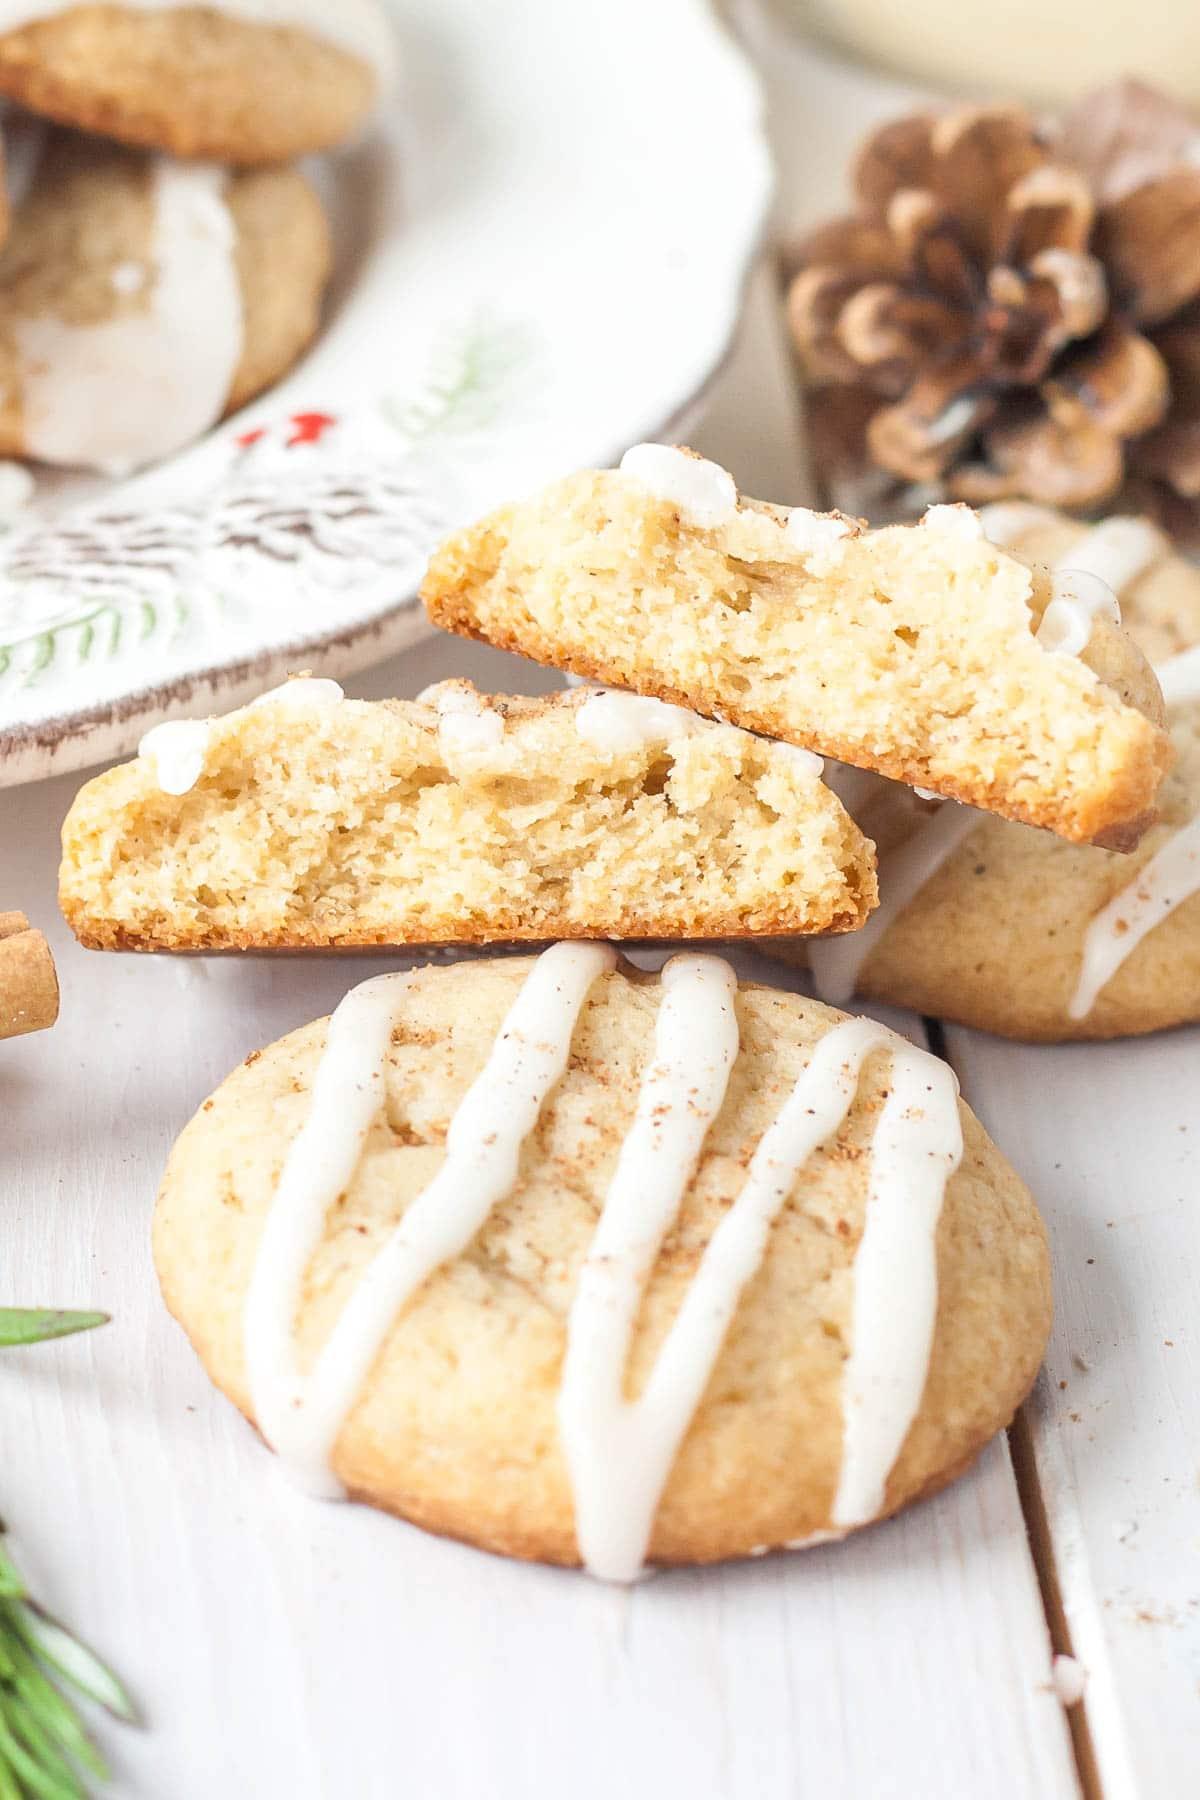 Cookies cut in half.